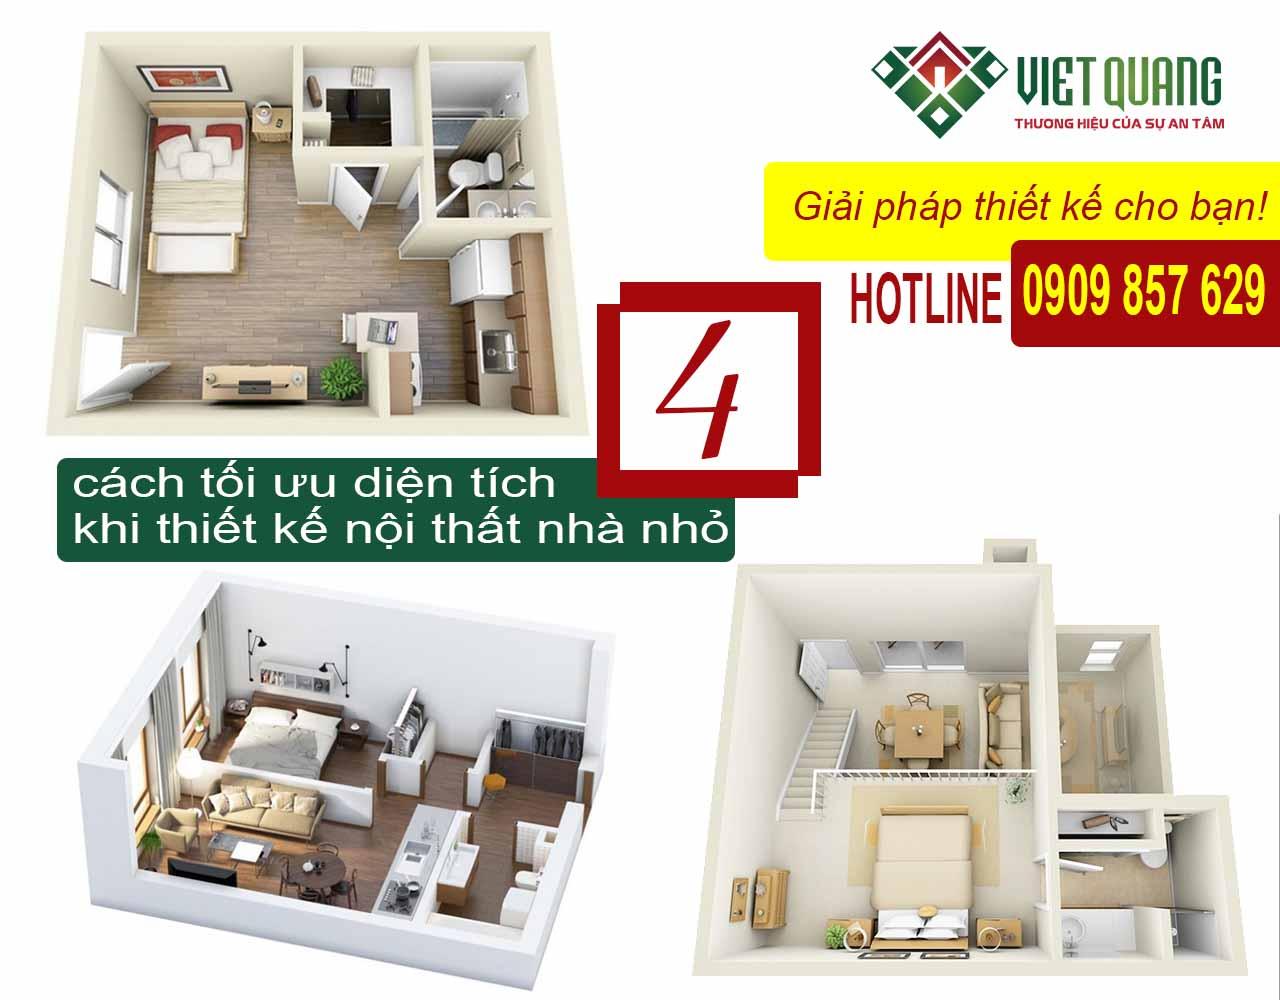 4 cách tối ưu diện tích khi thiết kế nội thất nhà nhỏ